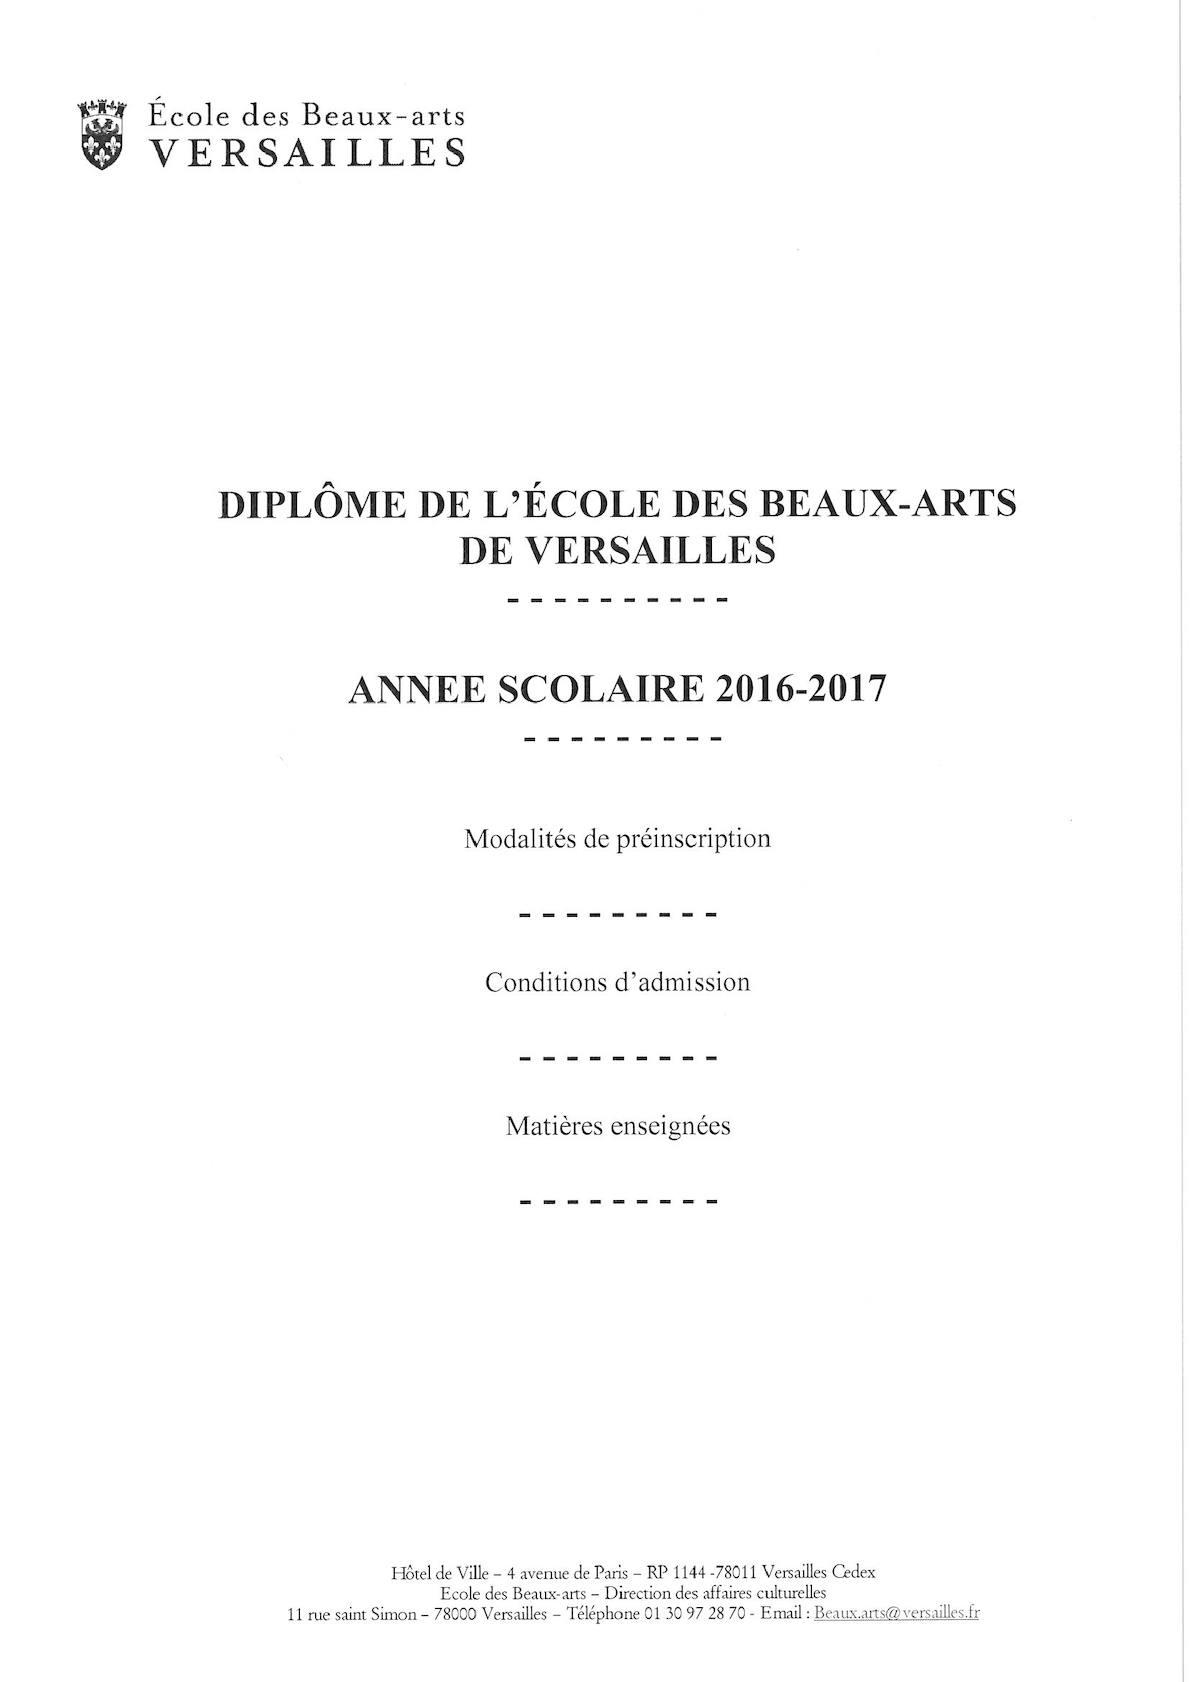 Calaméo - Inscription Ecole des Beaux Arts 2016 2017